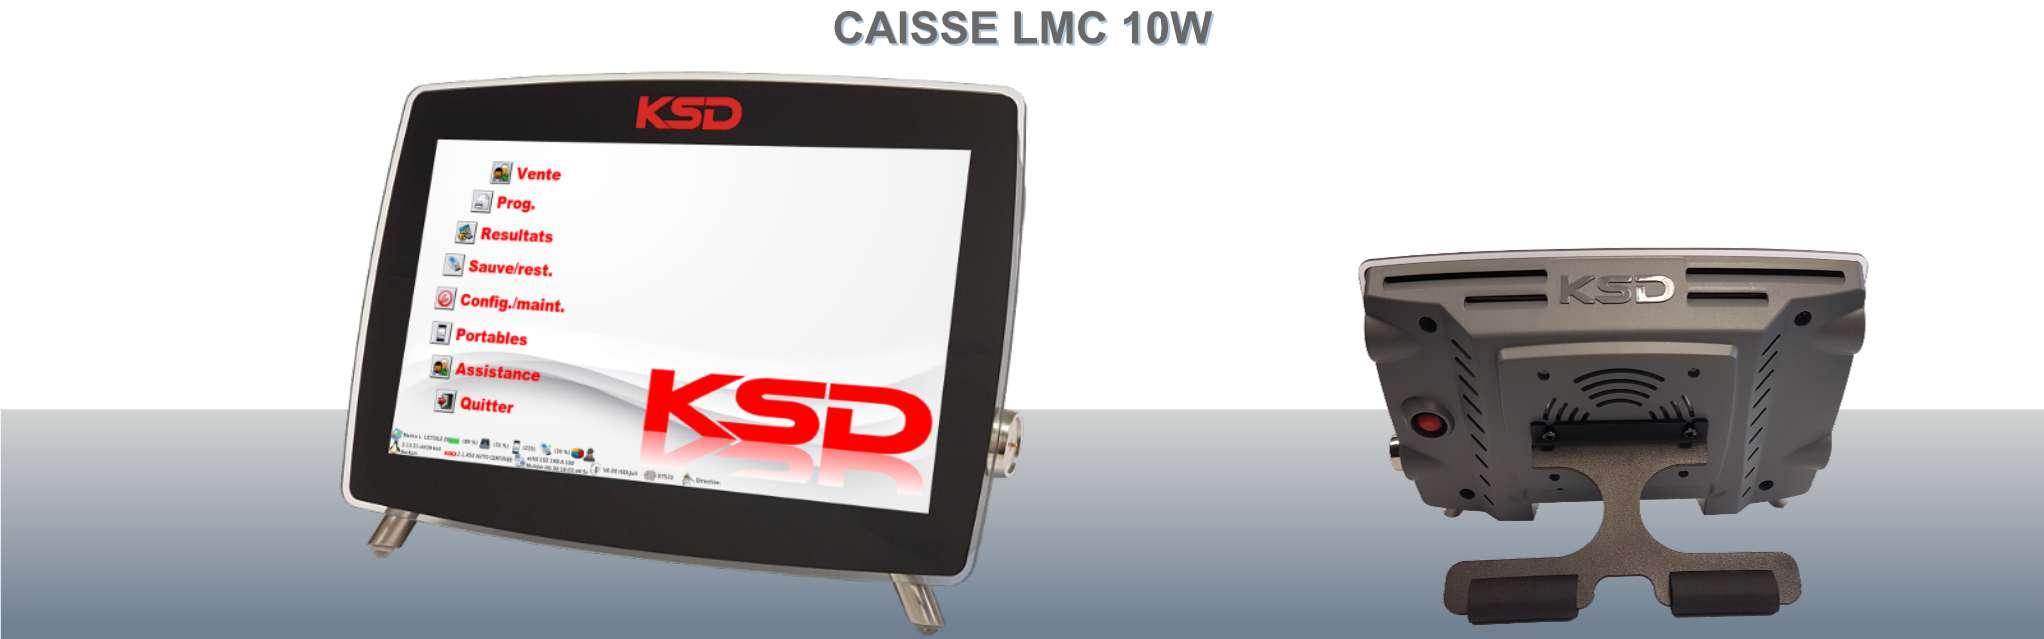 Caisse enregistreuse LMC 10W